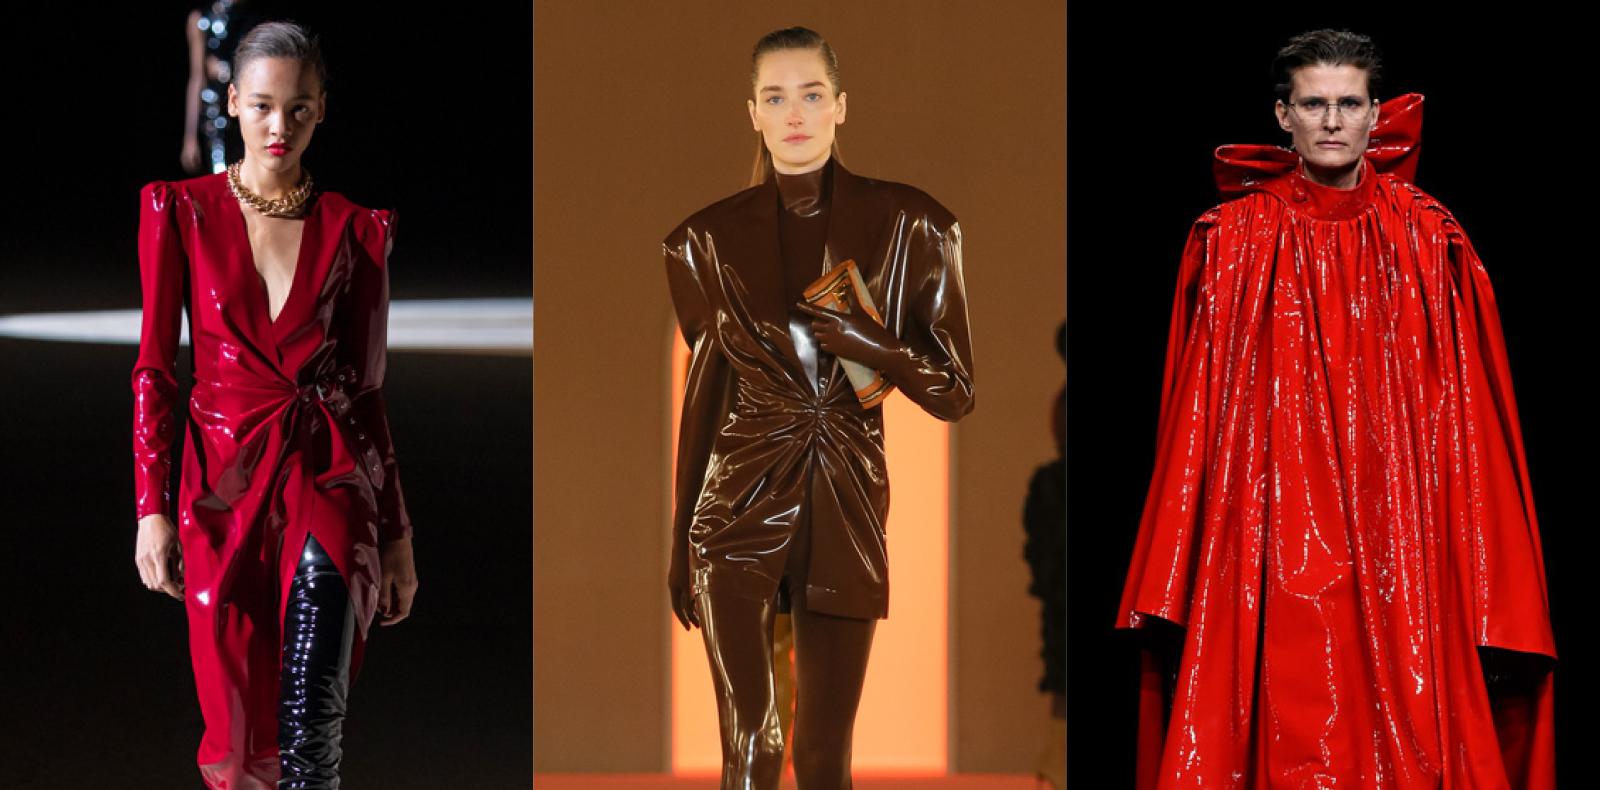 Comment le latex s'est-il imposé dans la mode ?